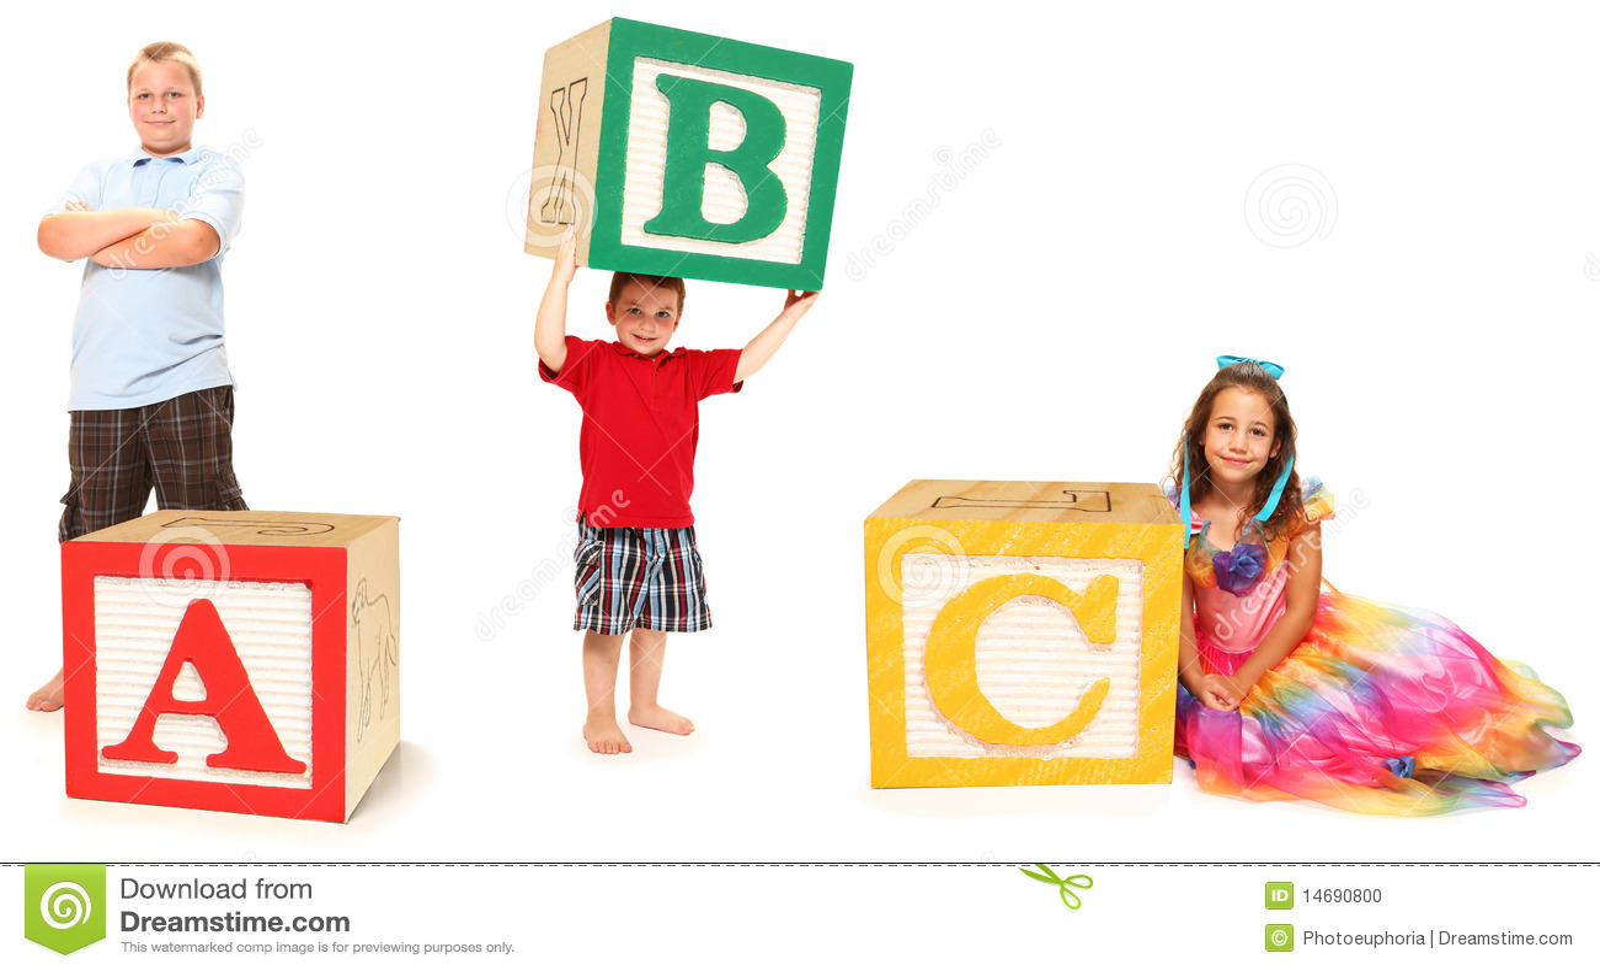 Abc-alfabetet blockerar ungar